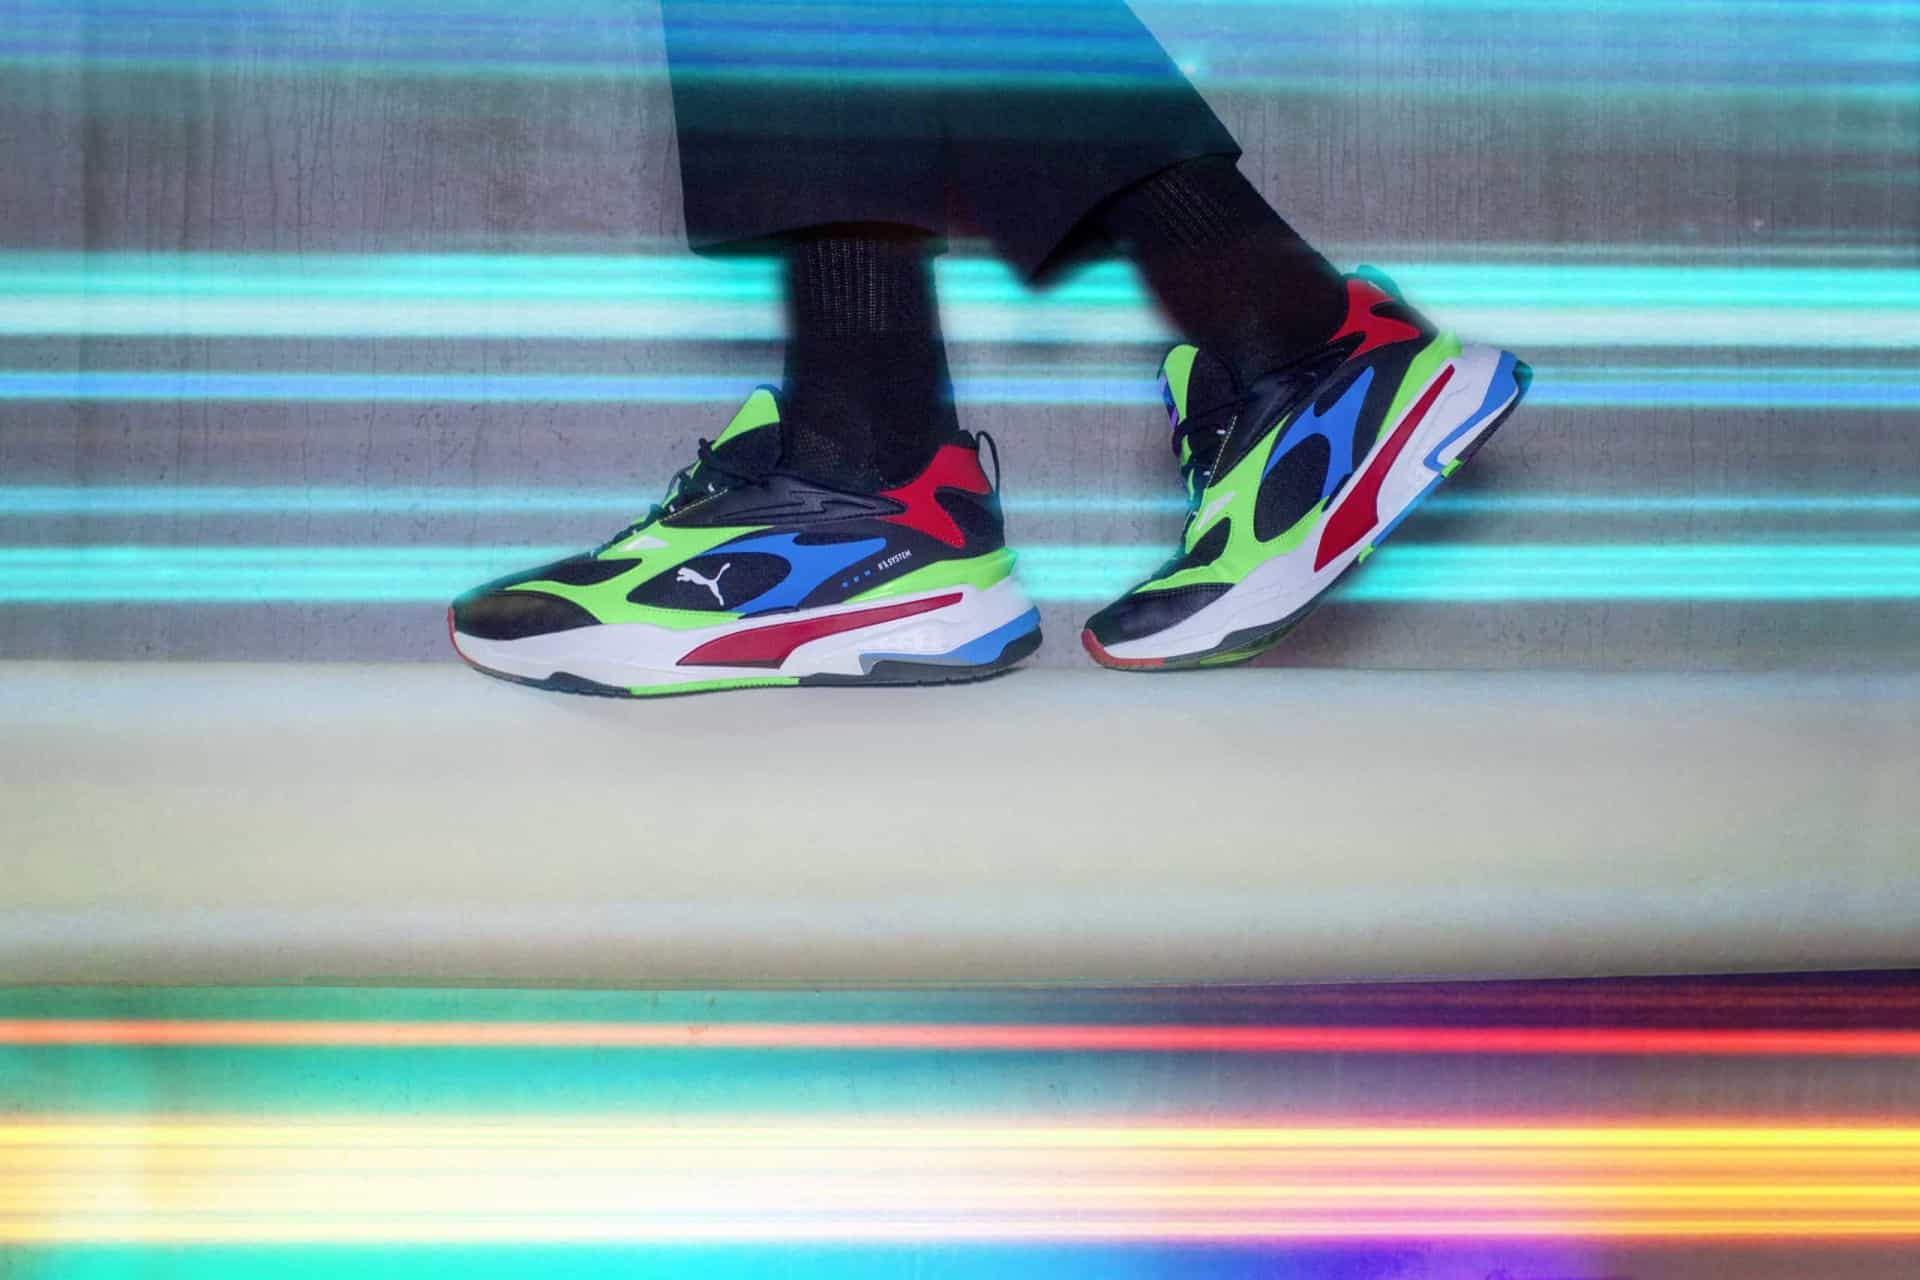 PUMA: RS-Fast combinam estilo dos anos 2000 com estética futurista